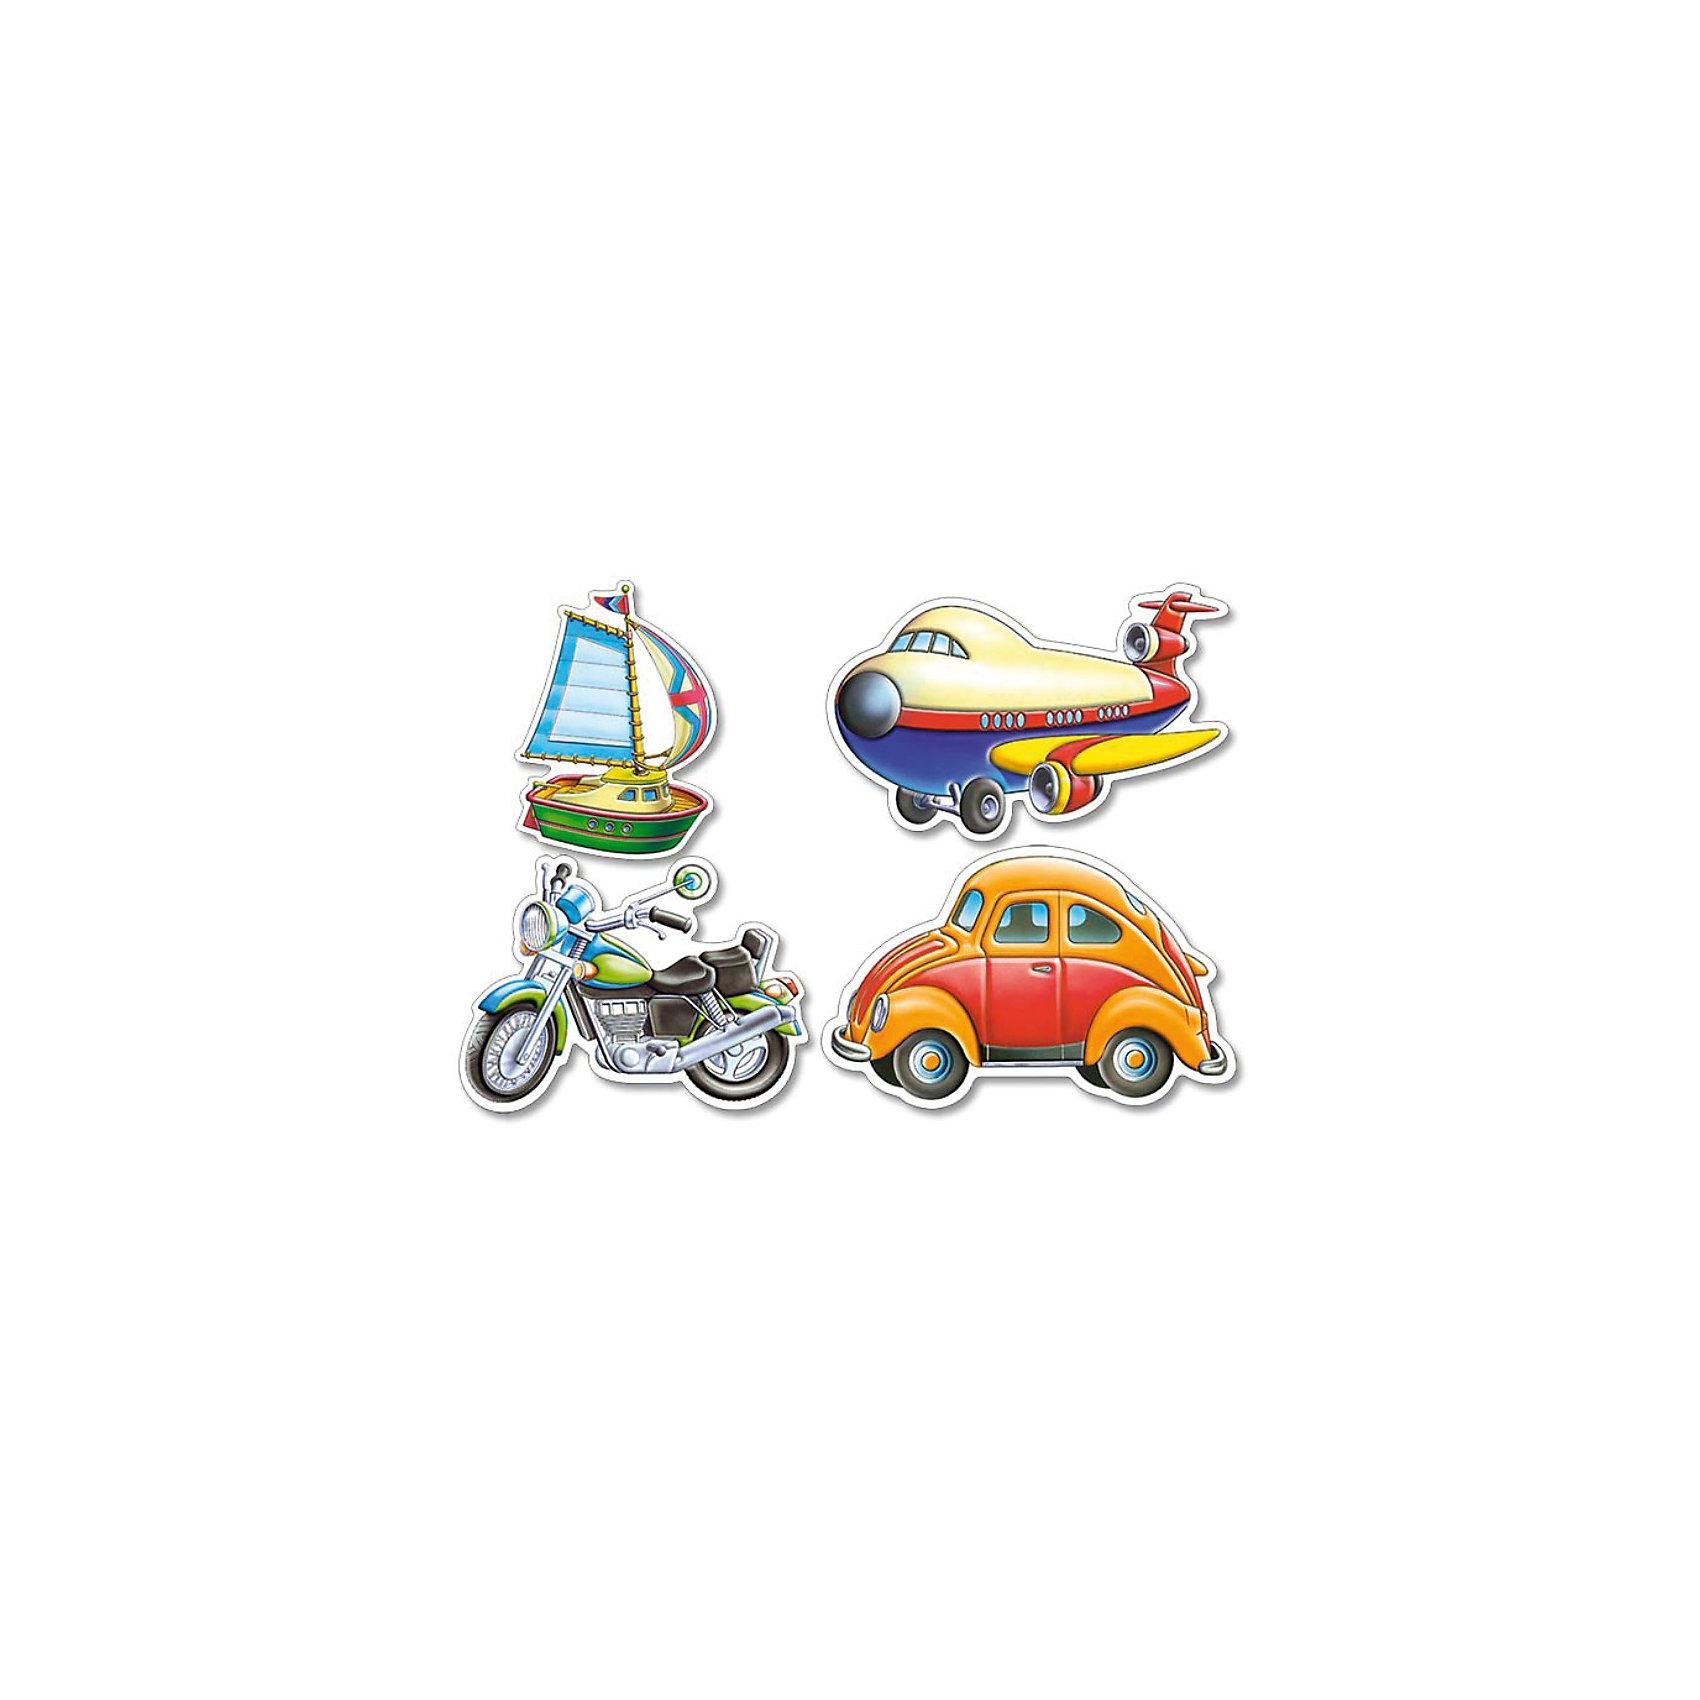 Castorland Контурные пазлы Транспорт,  4*5*6*7 деталей, Castorland конструкторы tototoys 801 крутые виражи rollipop 7 деталей 5 шаров